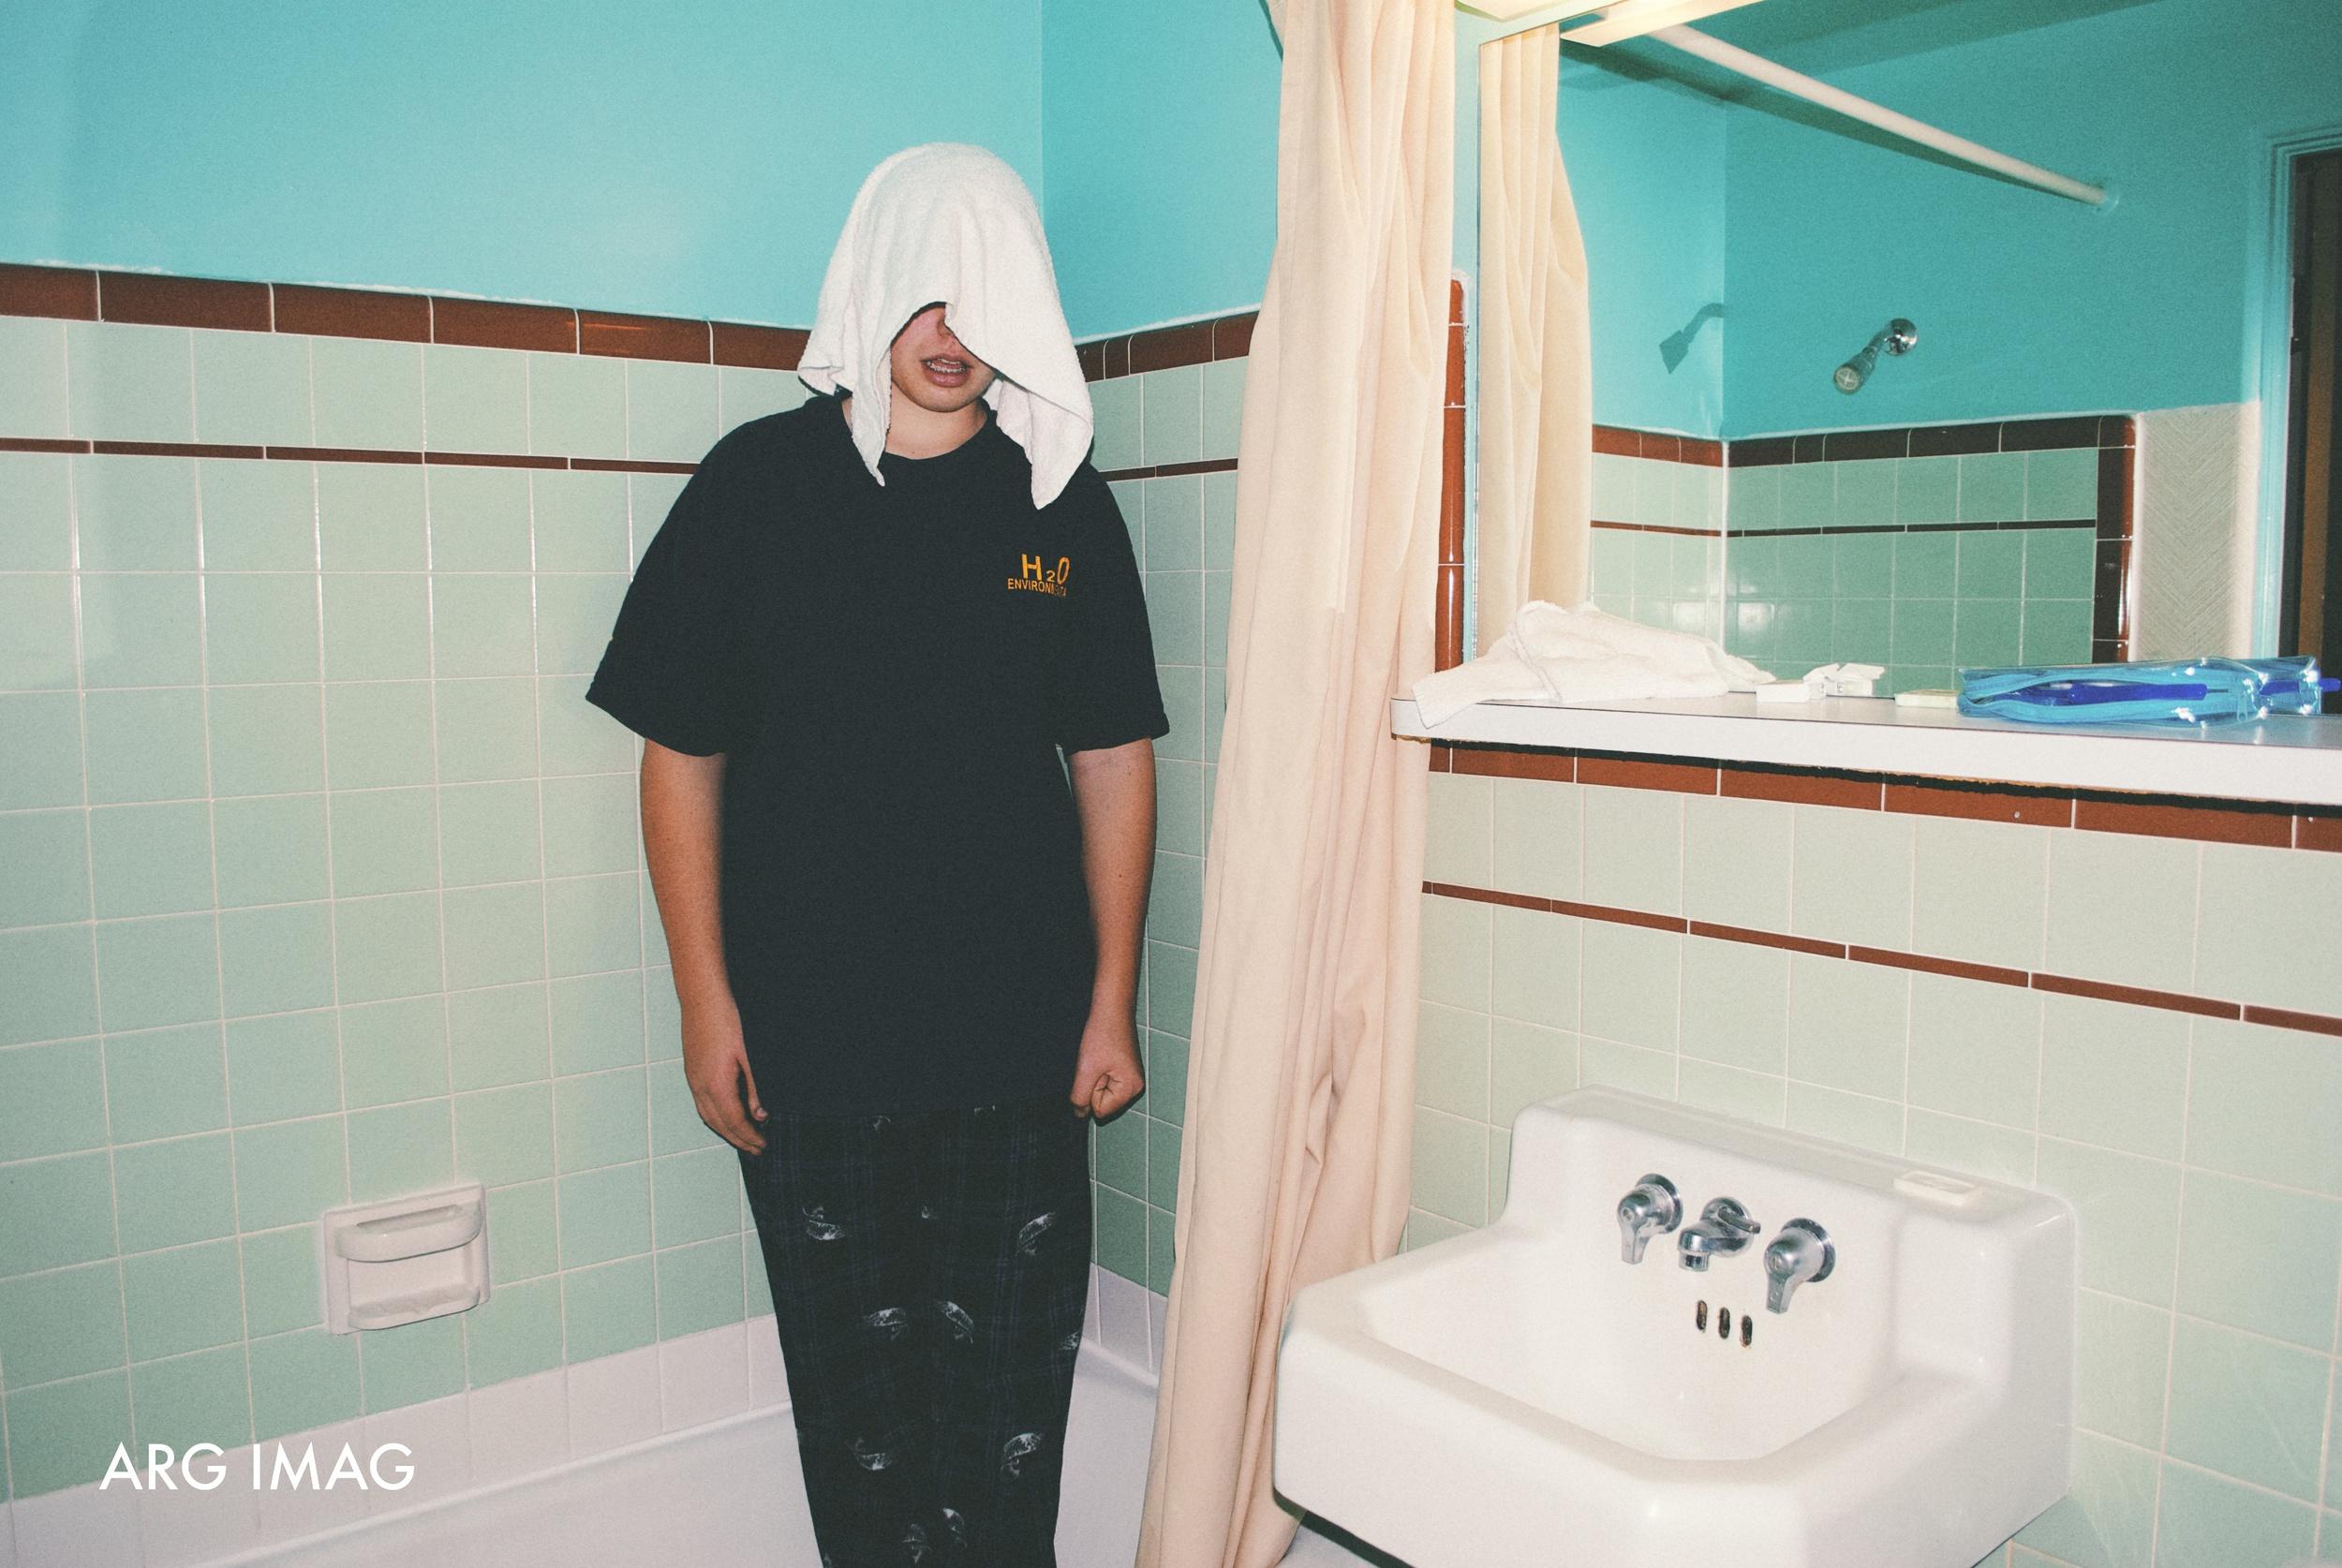 Lucas Towel-ARG_IMAG.jpg